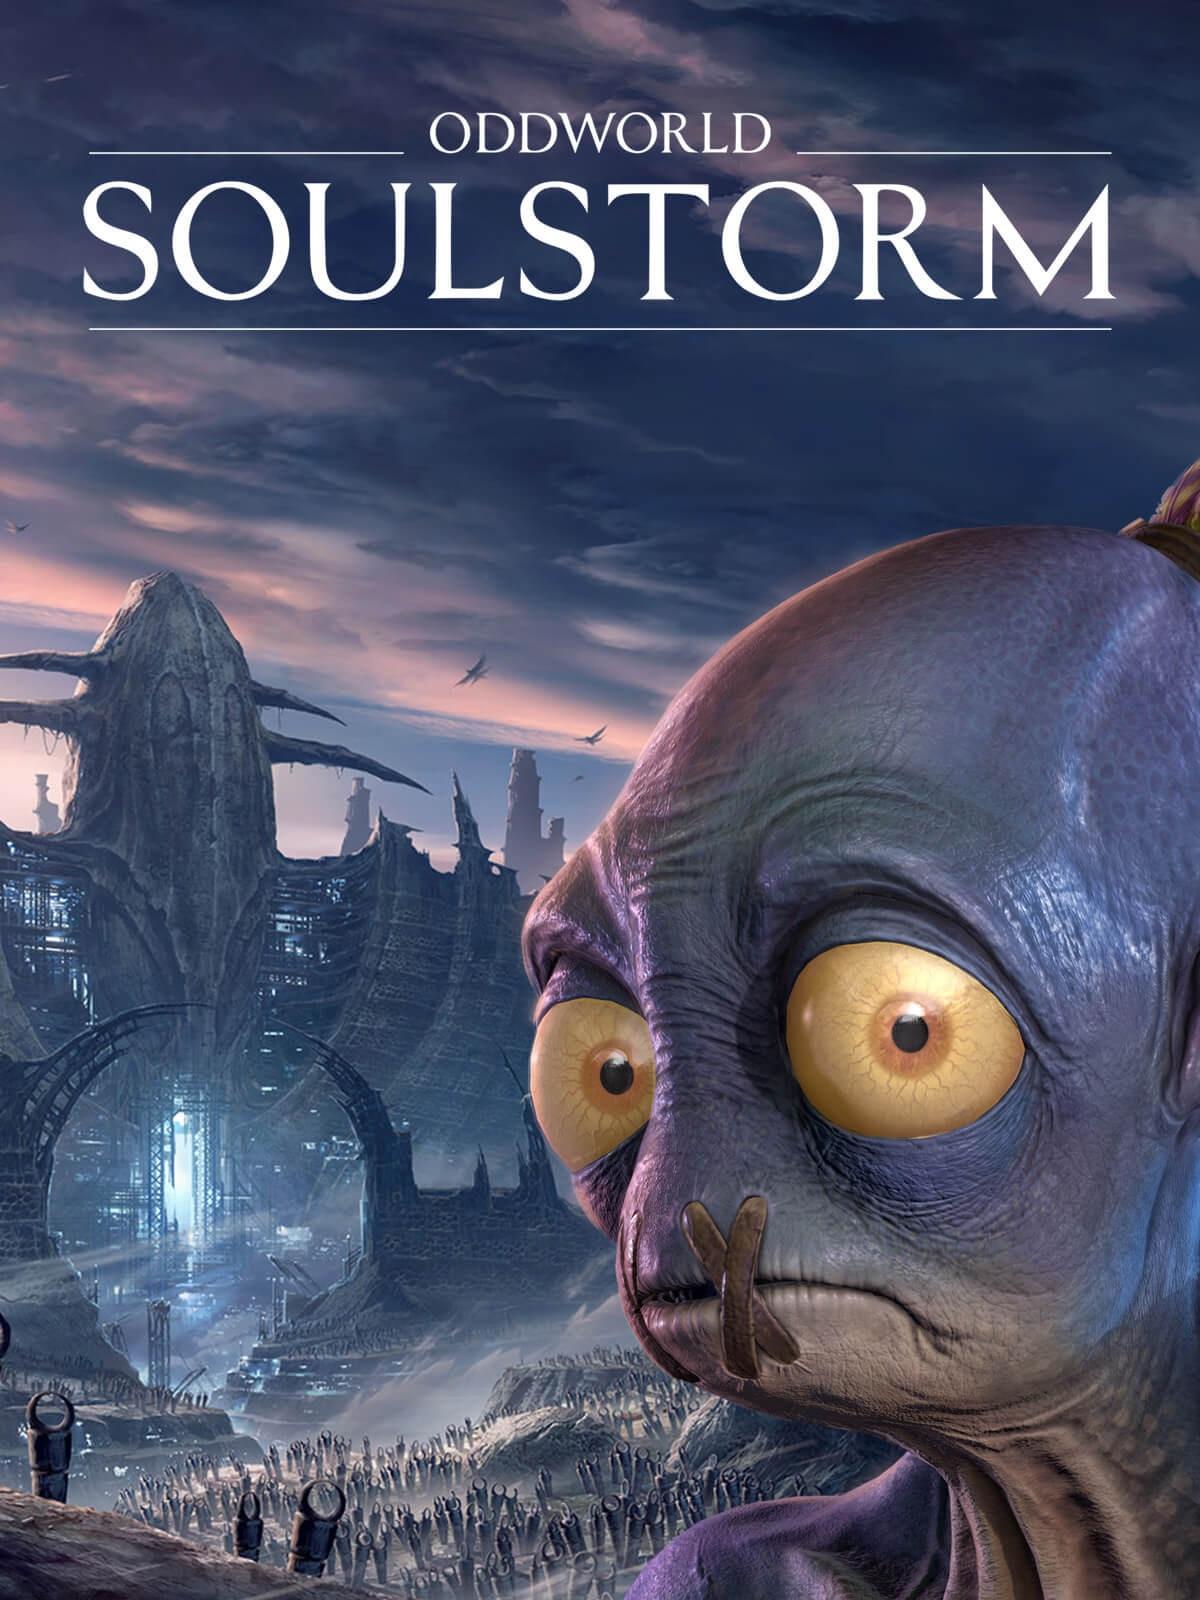 《奇异世界:灵魂风暴》攻略视频 全关卡流程视频攻略